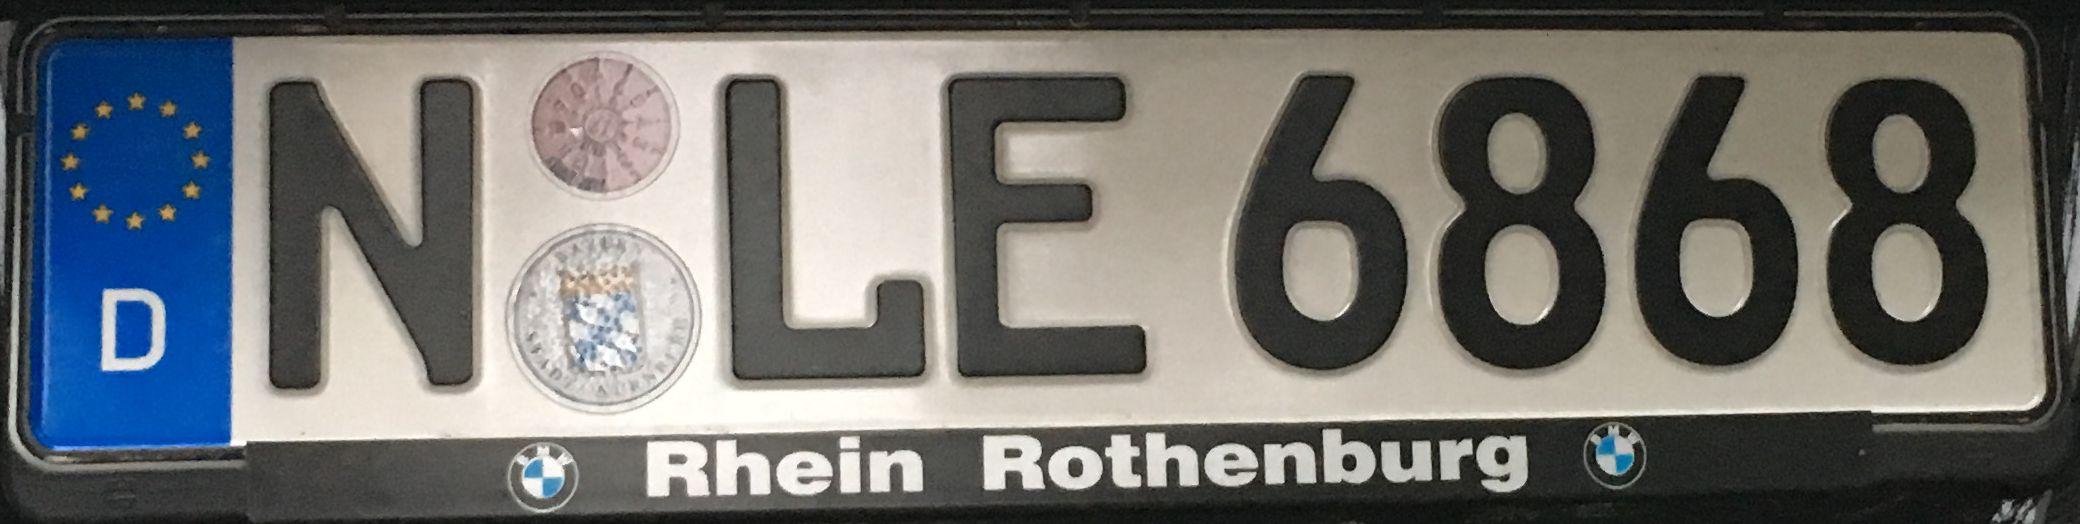 Registrační značky Německo - N - Nürnberg, foto: www.podalnici.cz